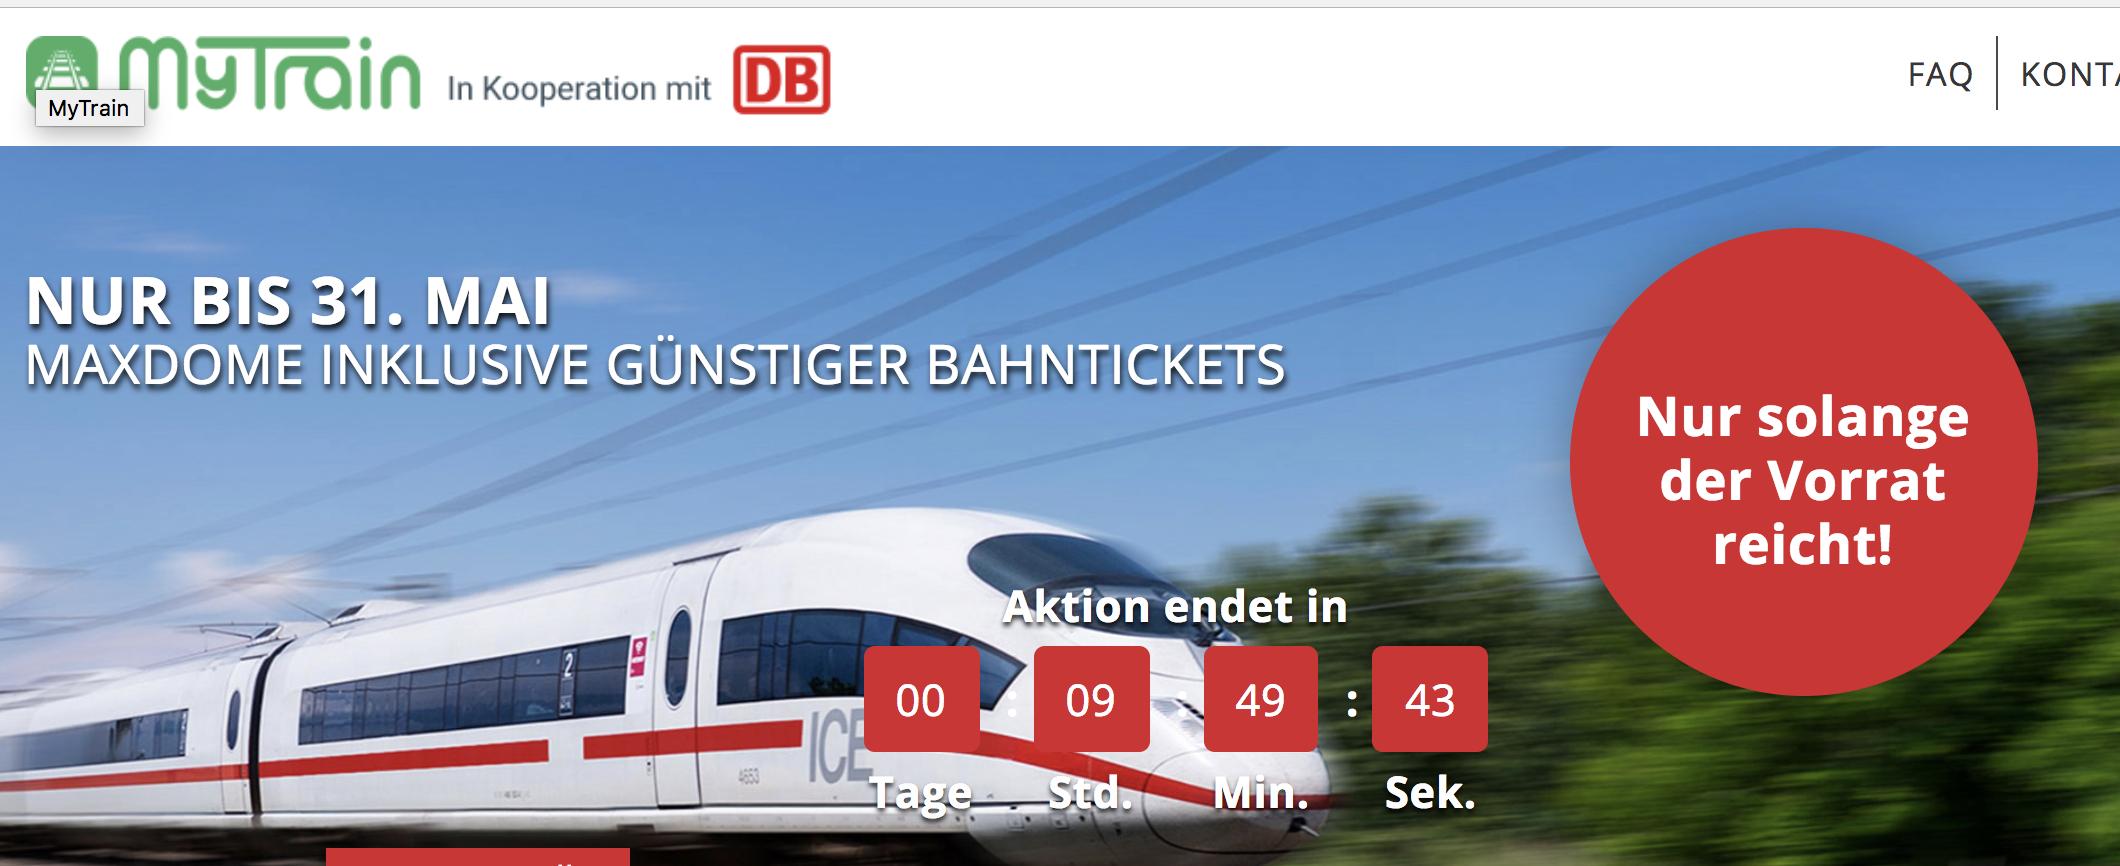 [Doppelt, aber mit ausführlichen Tipps zur Buchung] Für Spontanbahnfahrer: DB Mytrain Bahnticket, günstig flexibel ICE/IC fahren ab 32,49€/Fahrt. Nur noch heute!